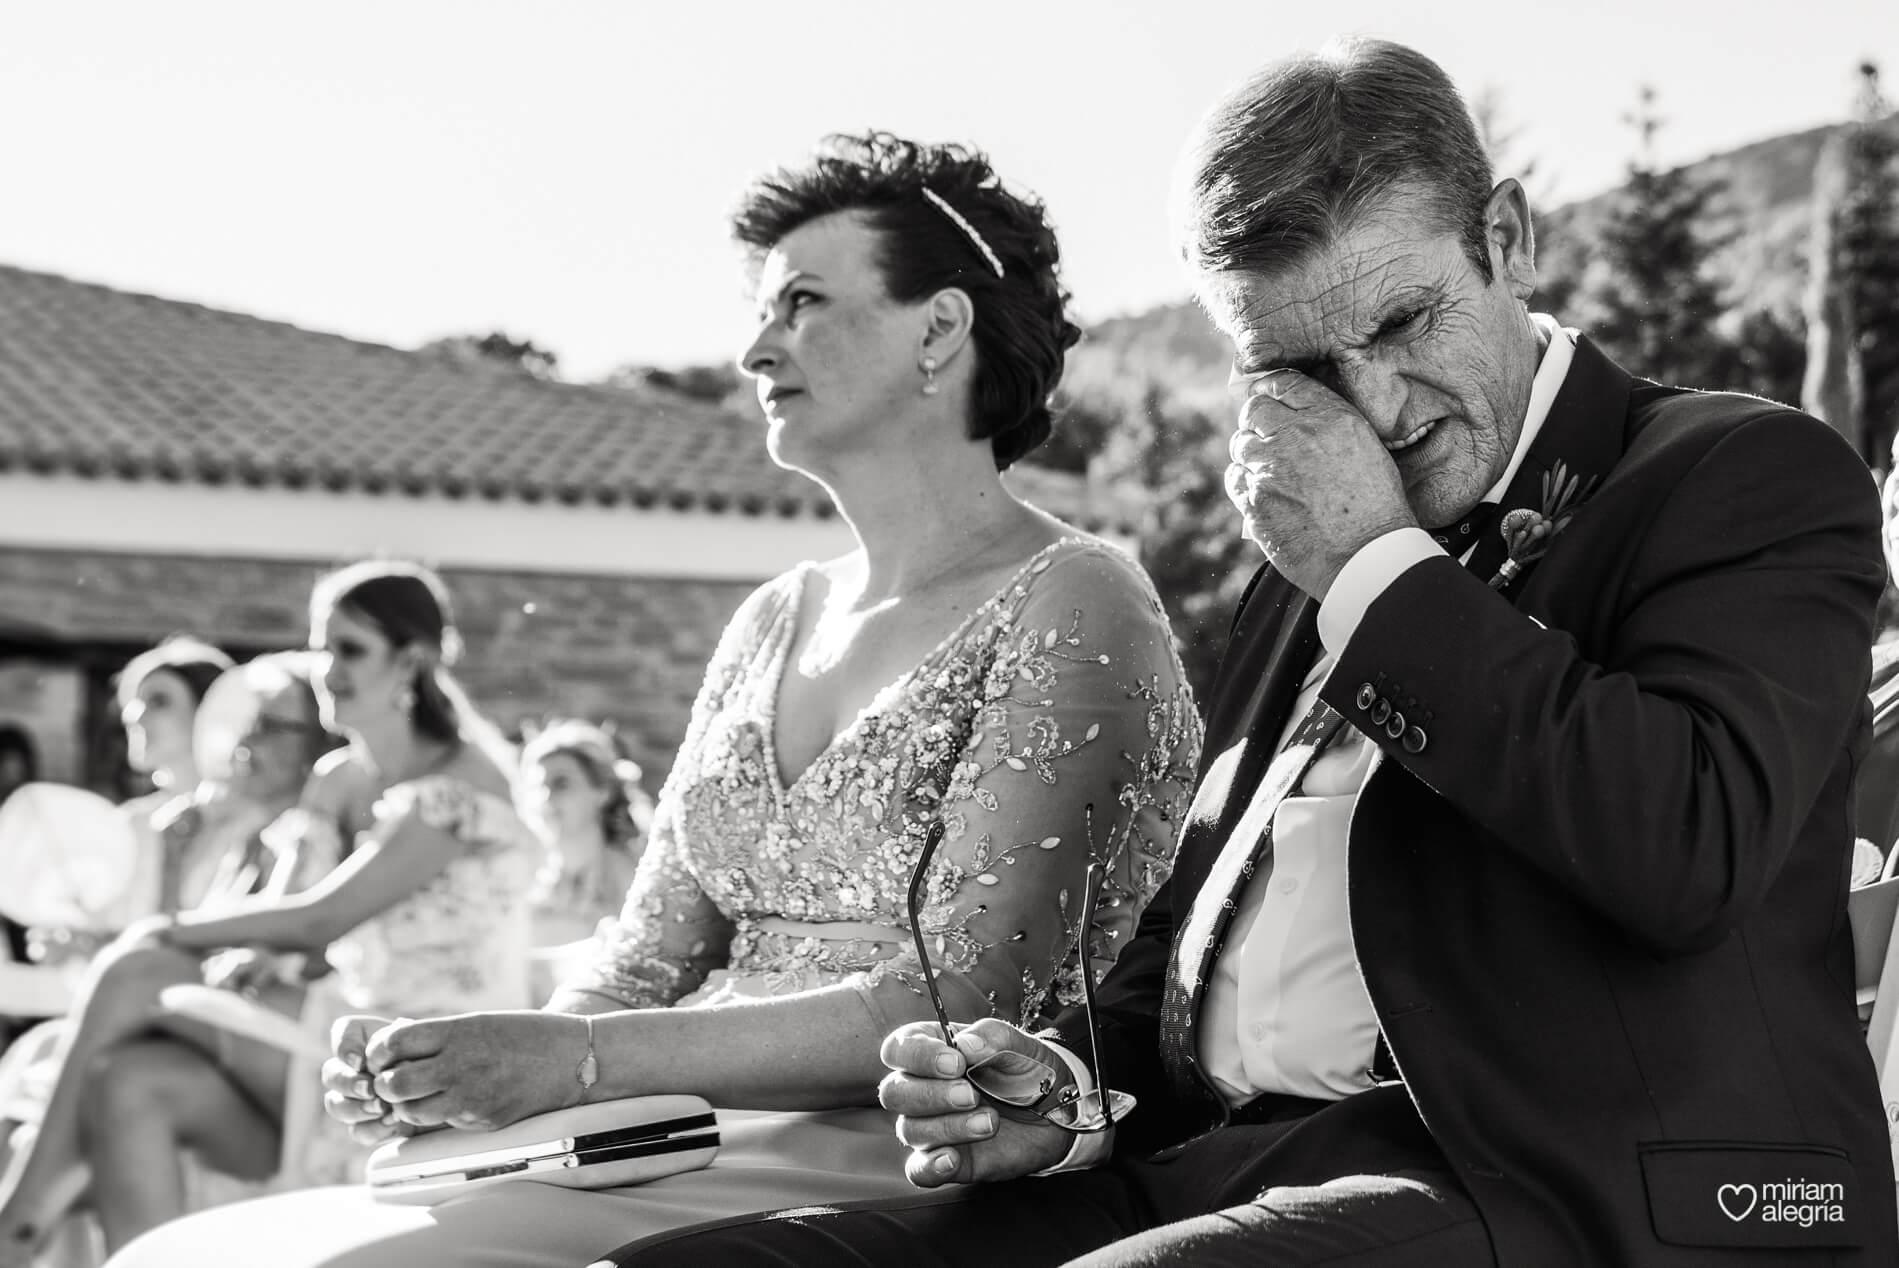 boda-en-collados-miriam-alegria-cayetana-ferrer-57